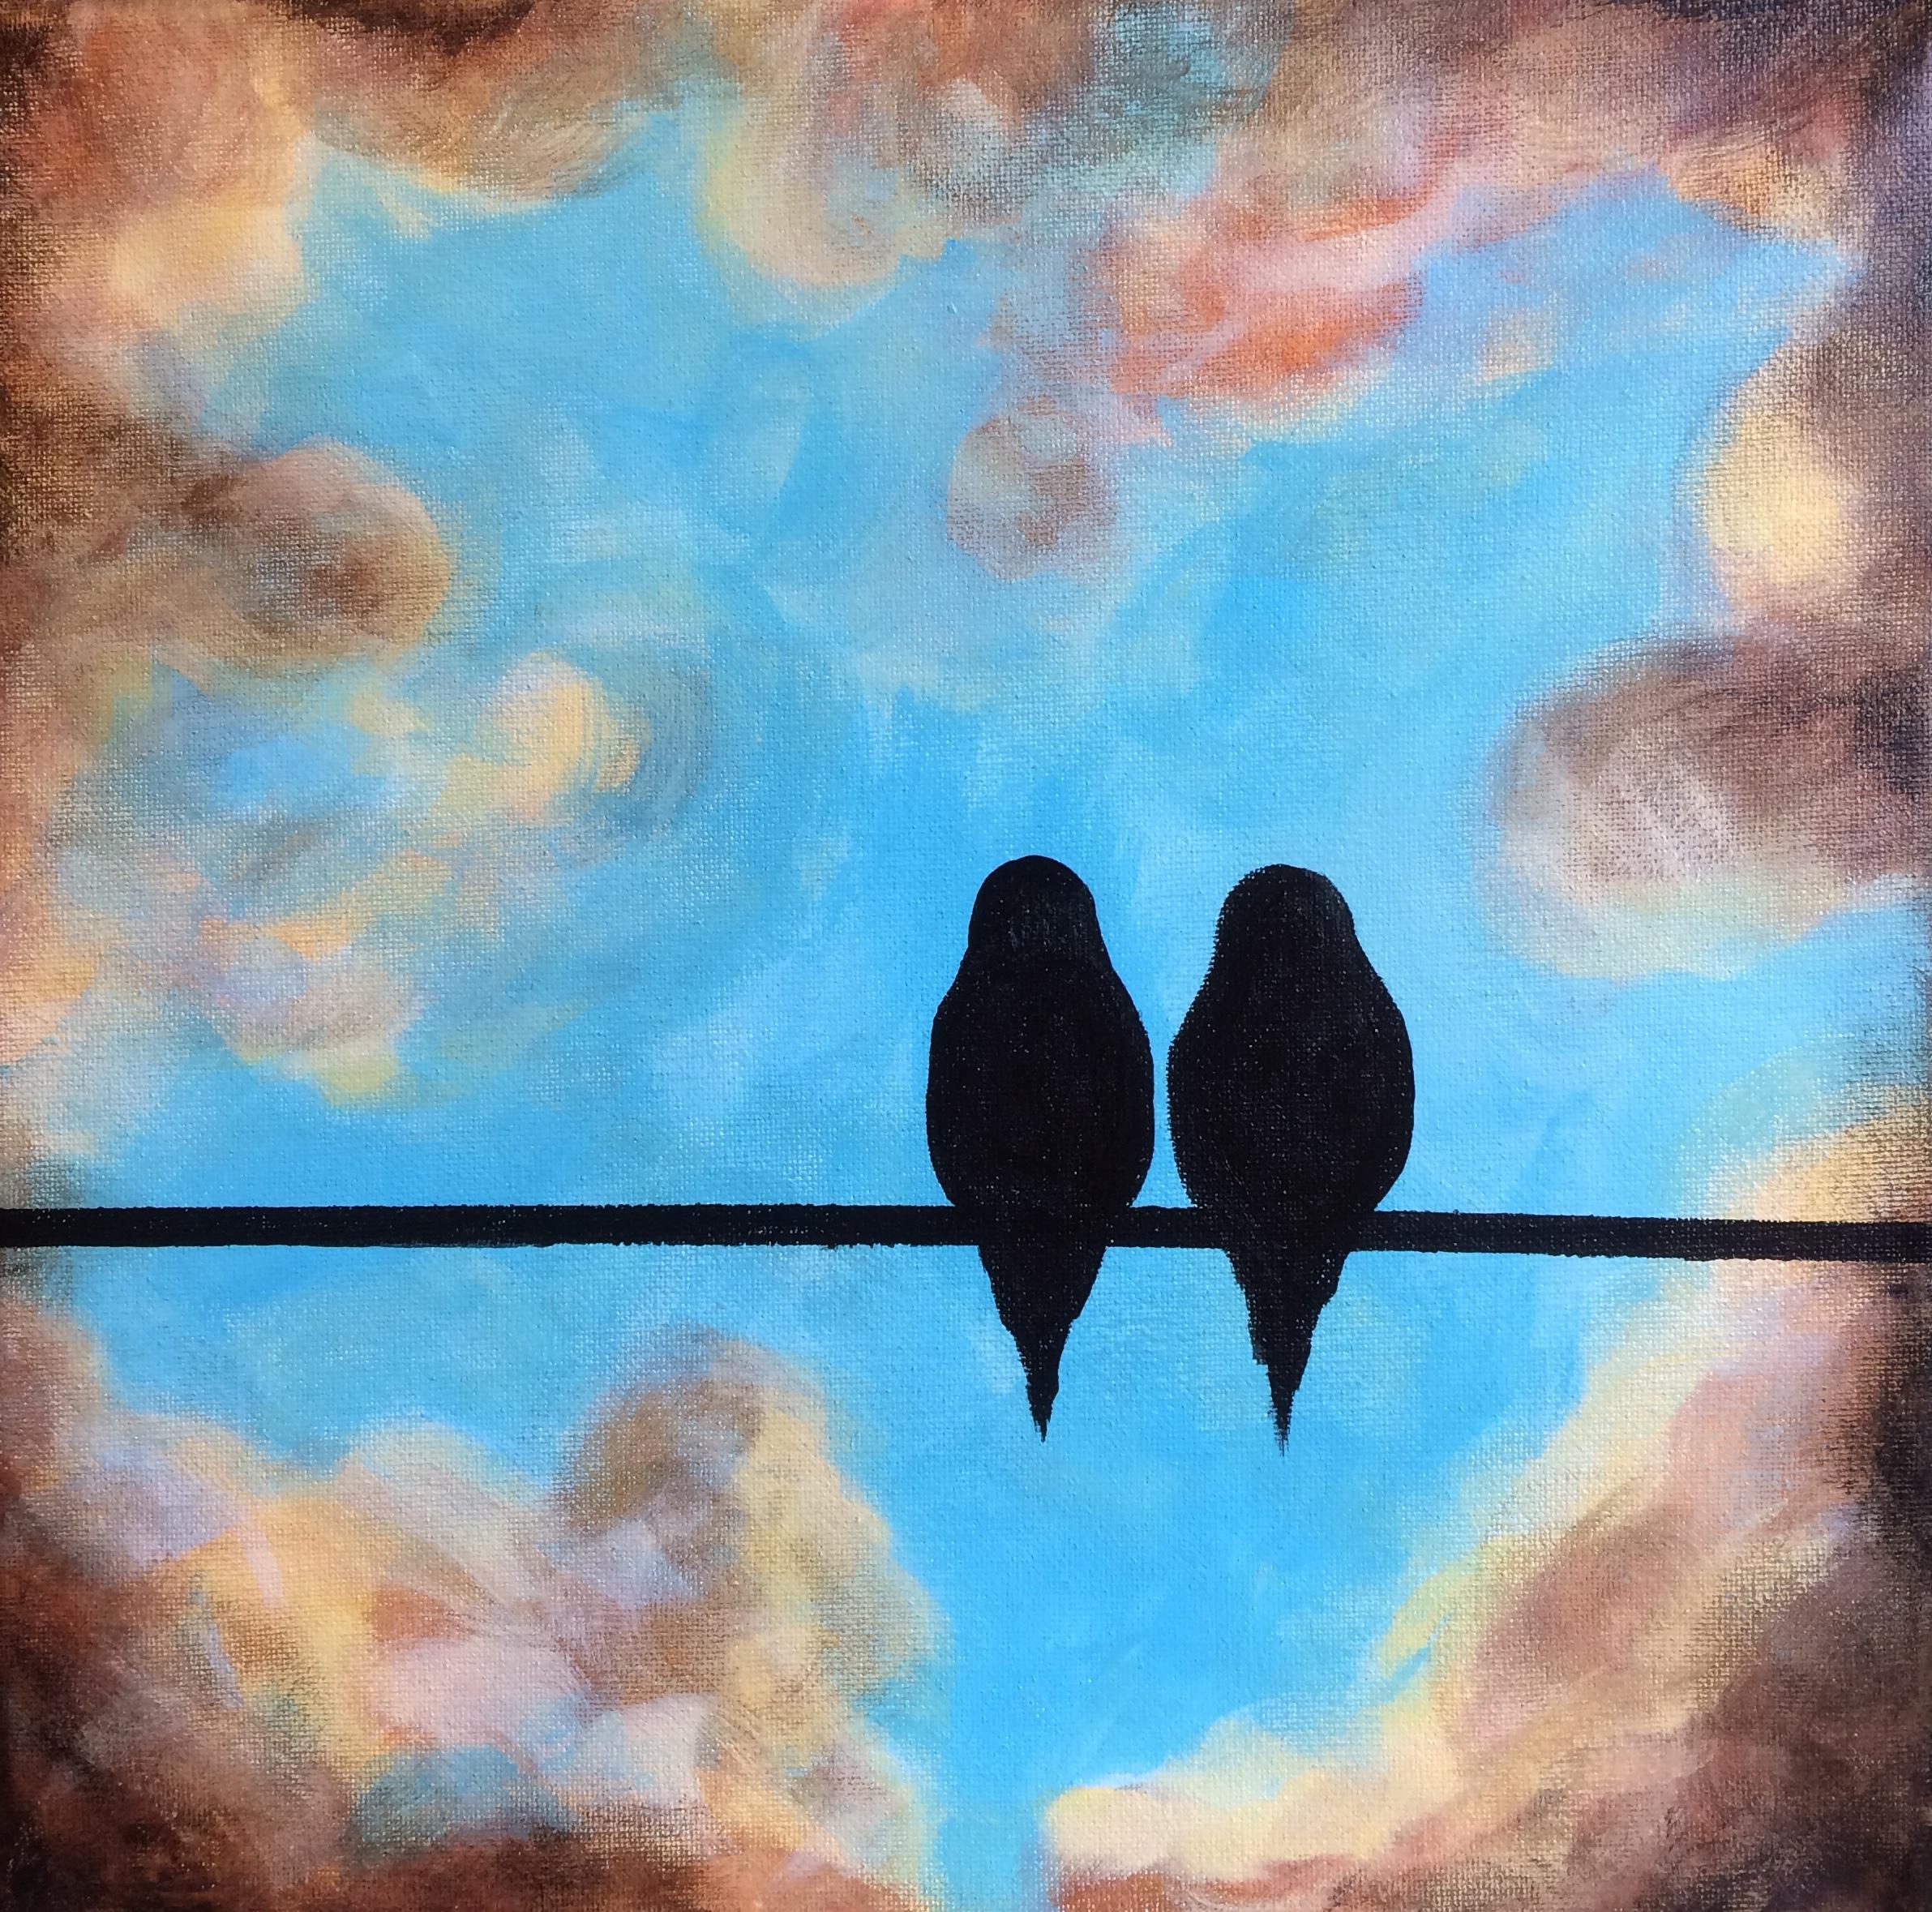 FEBRUARY 28 - LOVEBIRDS